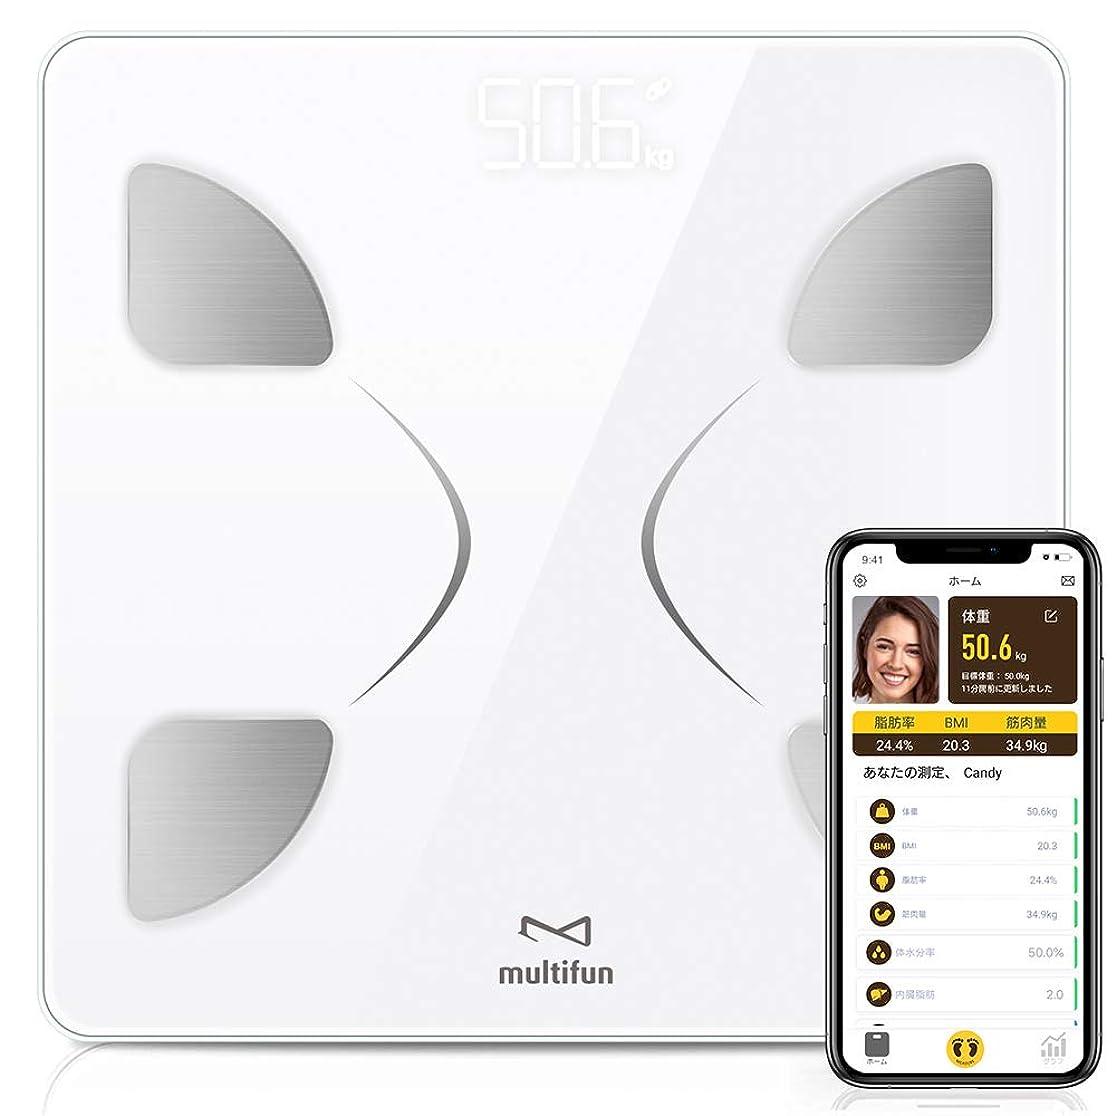 センターハイブリッドマーガレットミッチェル「アプリが大幅改善!」multifun 体重計 体組成計 体脂肪計 薄型 軽量 高精度 電源自動ON/OFF スマホ連動 スマートスケール 体重/体脂肪率/体水分率/推定骨量/BMIなど14組みのデータを測定 Bluetooth対応 iOS/Androidアプリで健康管理 日本語APP&説明書対応 収納便利 ホワイト